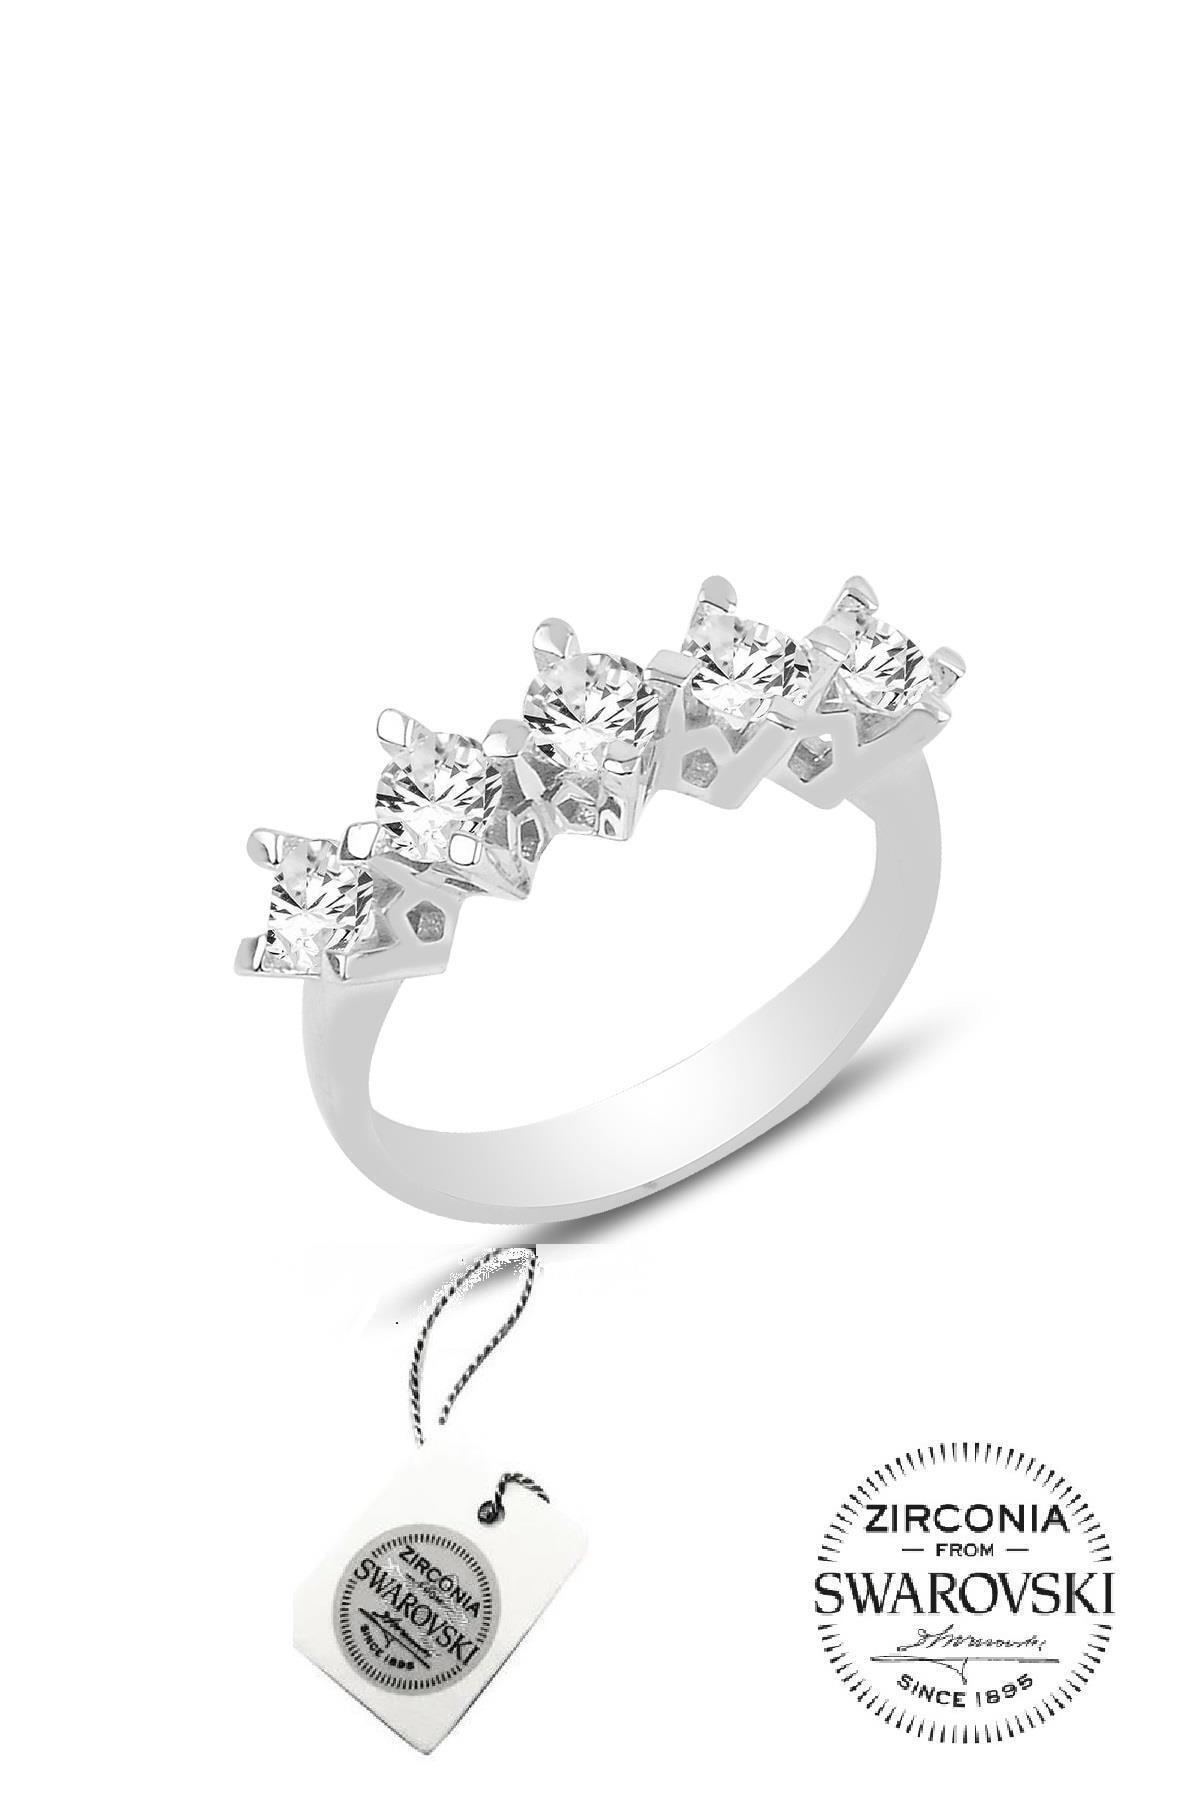 Söğütlü Silver Gümüş Beş Taşlı Çapraz Modeli Yüzük 1